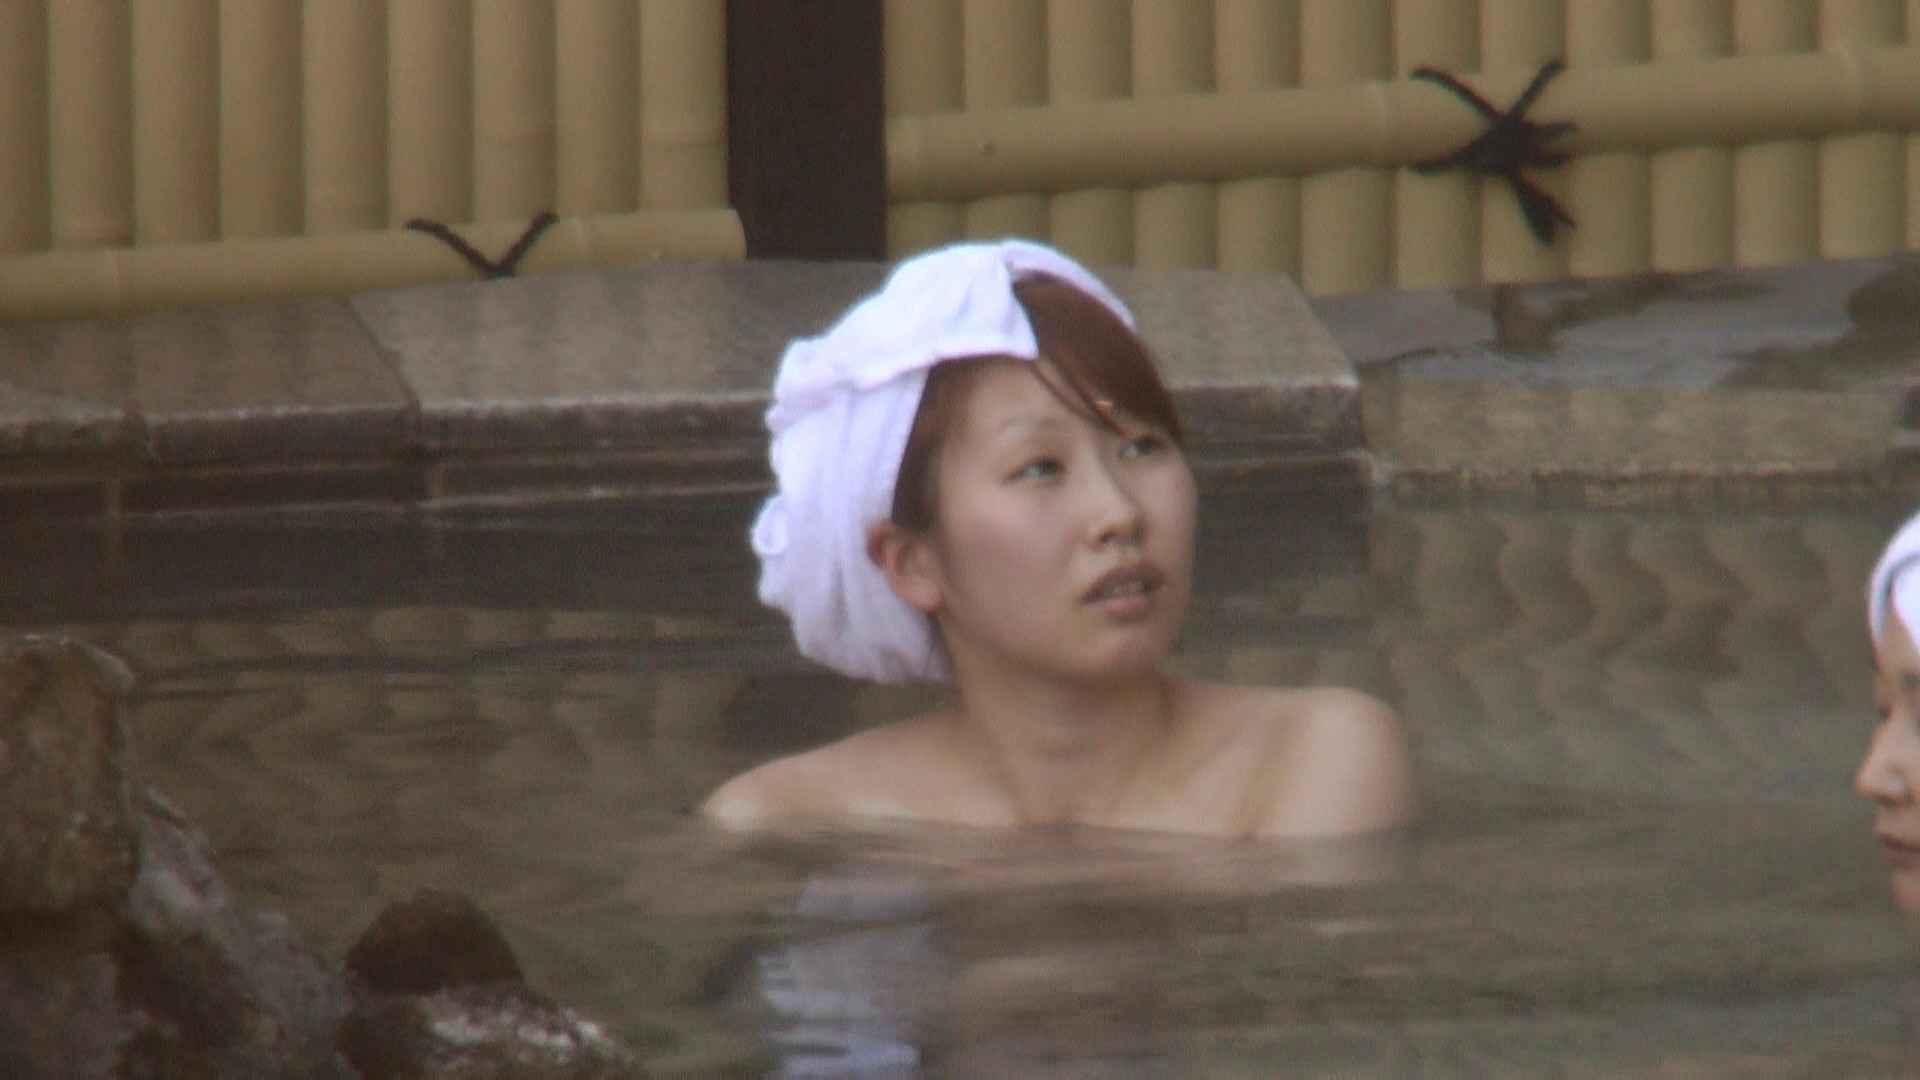 Aquaな露天風呂Vol.210 女体盗撮 隠し撮りオマンコ動画紹介 49連発 32